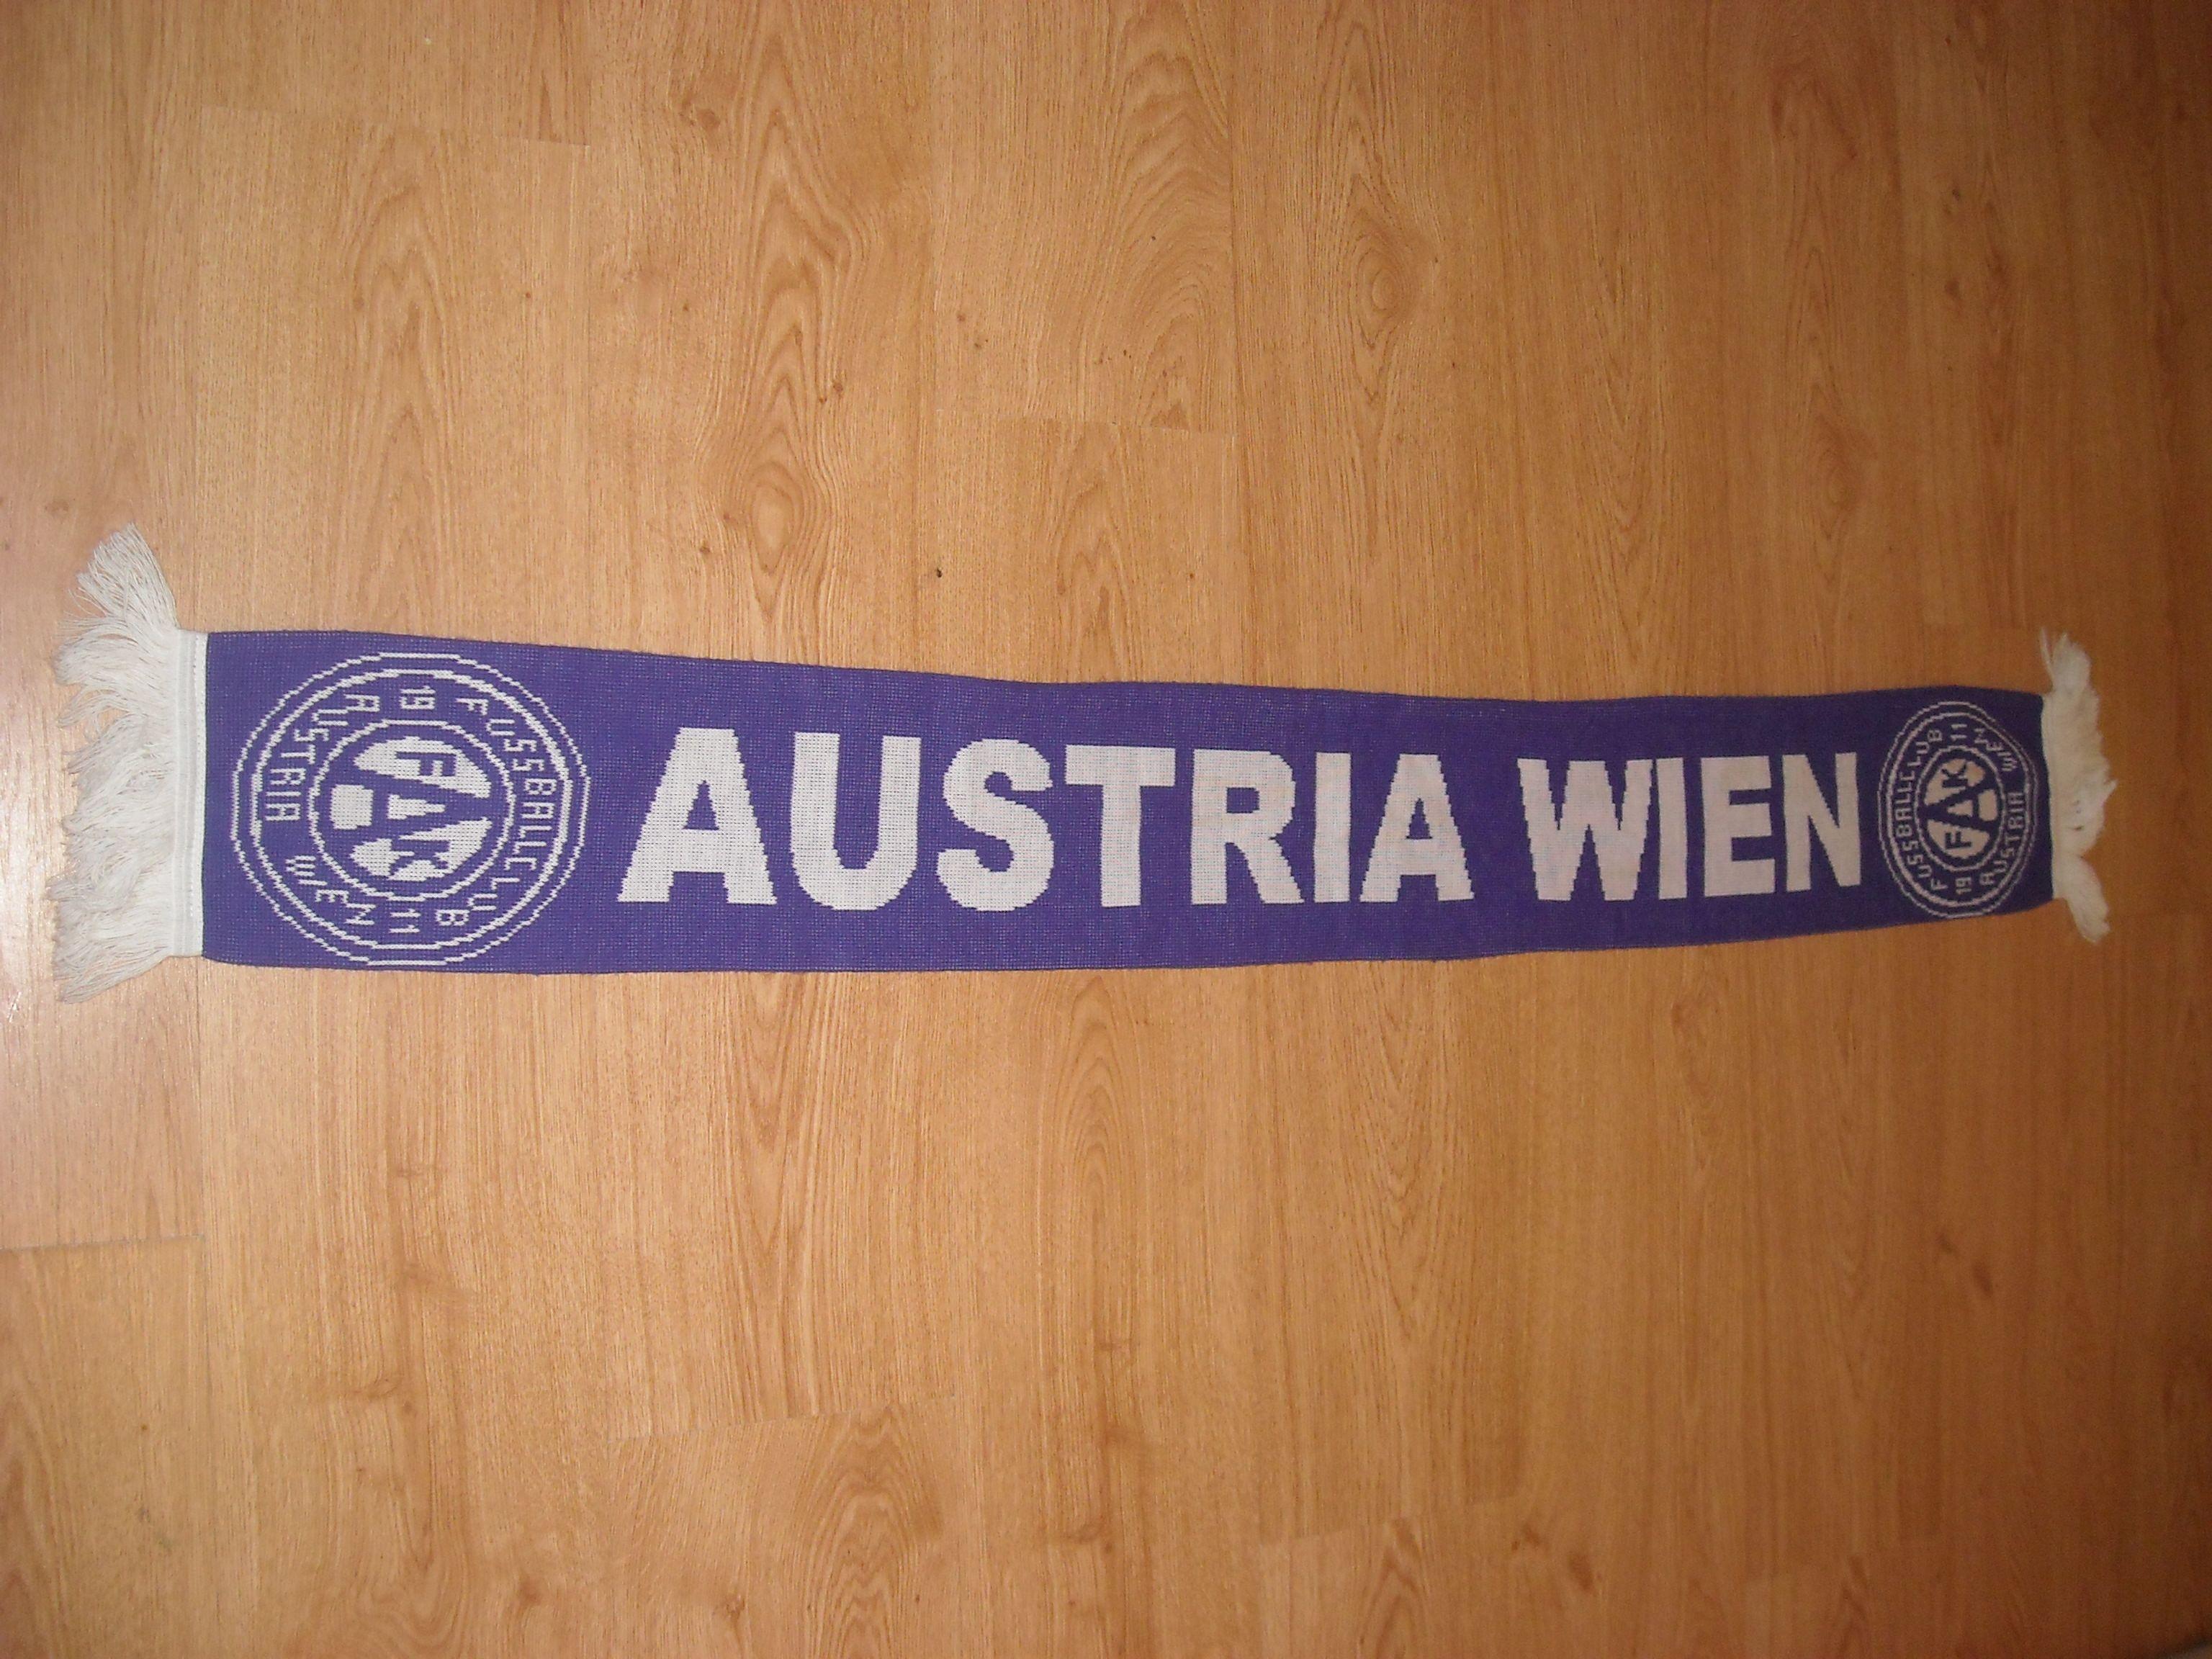 Austria Wien Scarf You Can Buy It From Www Scarvesforsale Eu